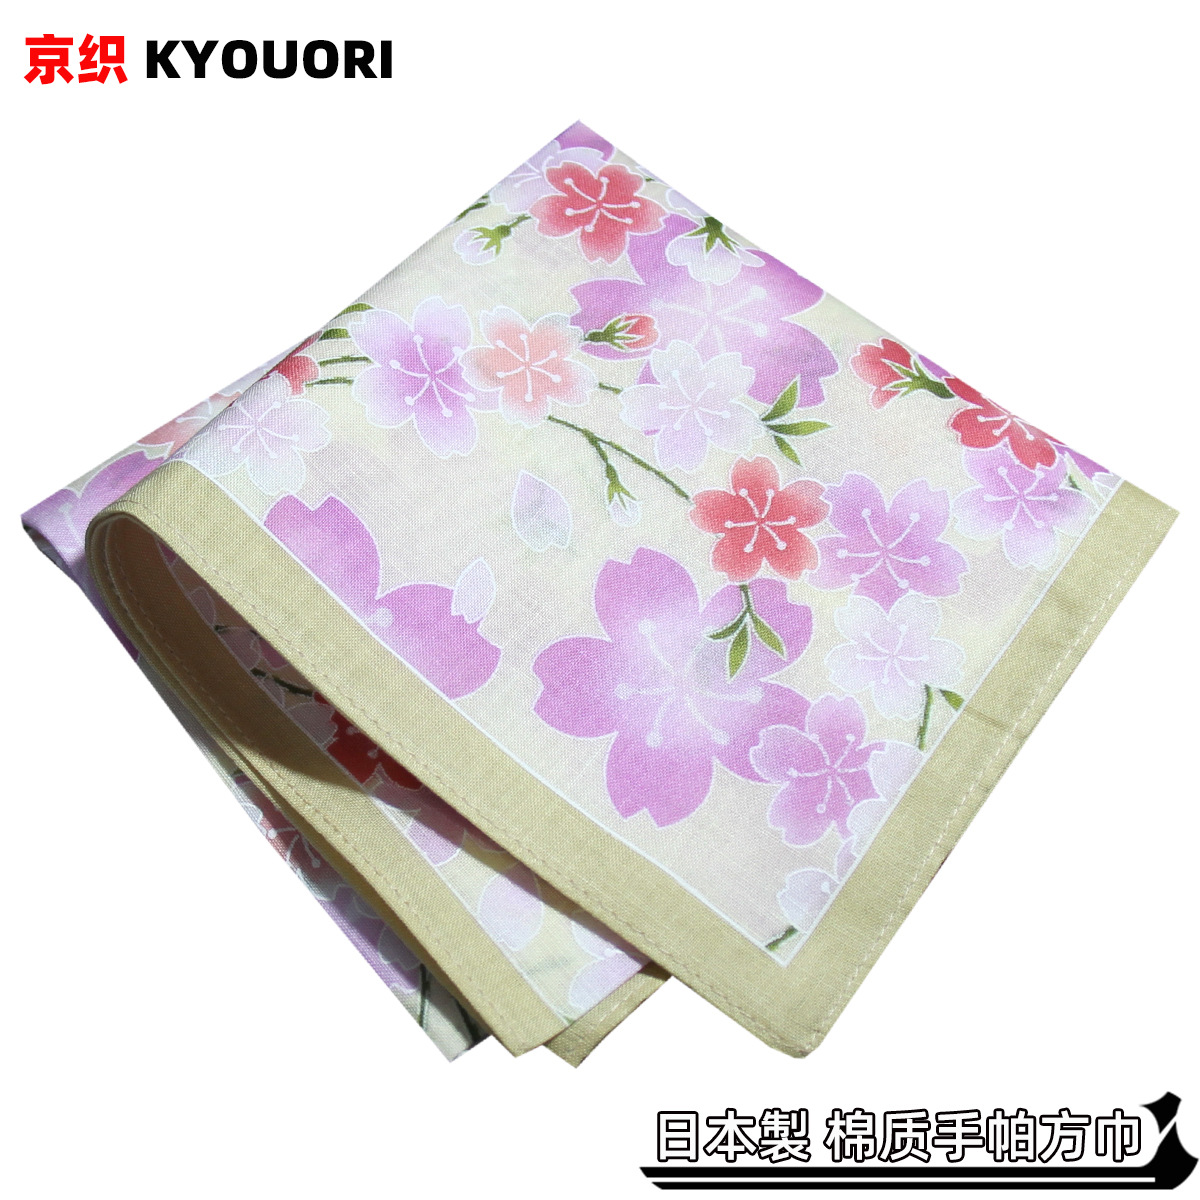 [235] kyoori Japanese cotton handkerchief printing handkerchief